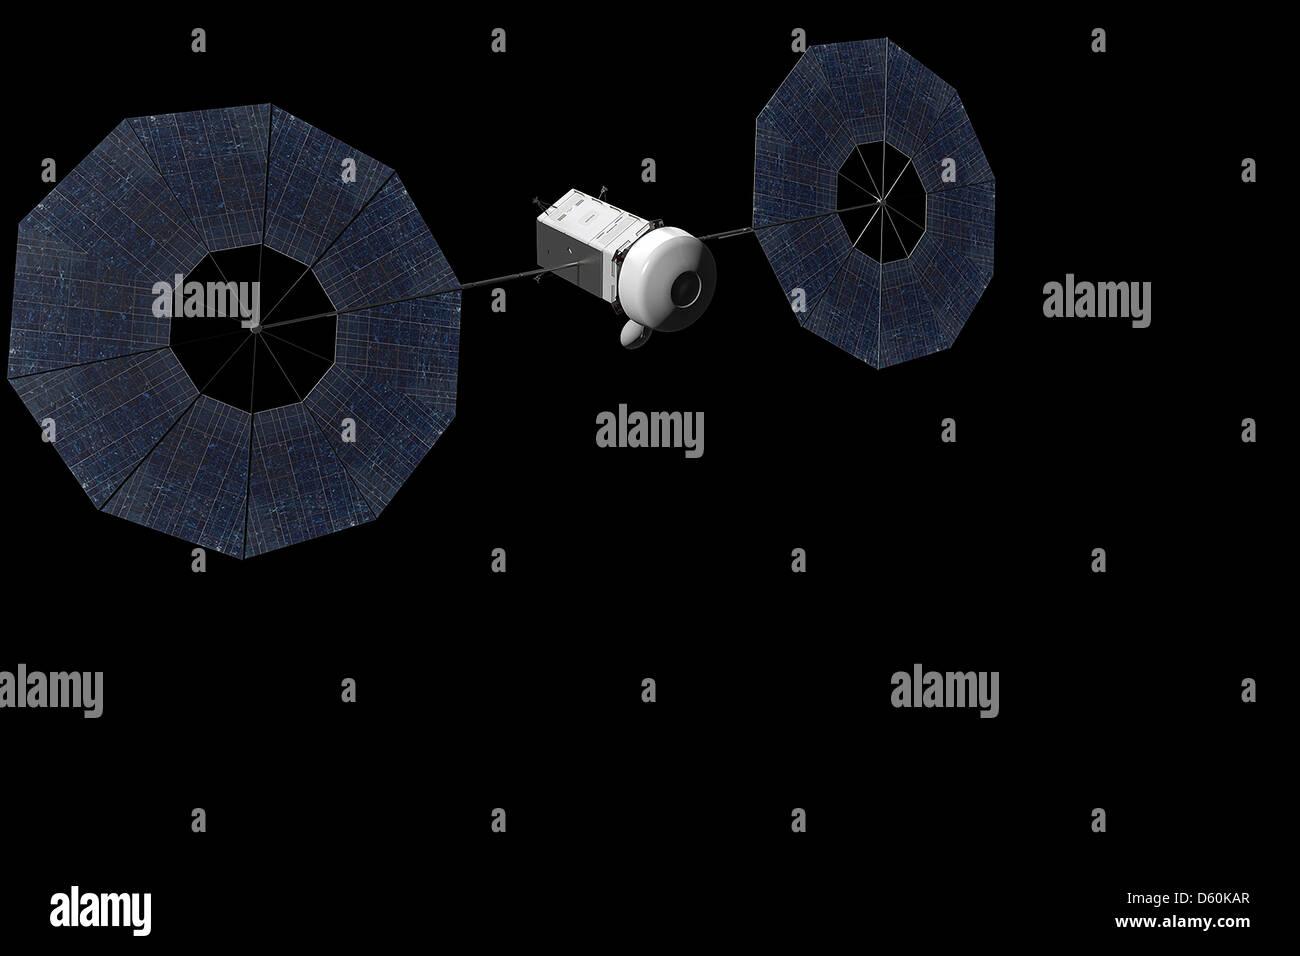 Künstler-Konzept der eine Solar Electric Propulsion aus Raumfahrzeug während der Mission der NASA zu finden, Stockbild